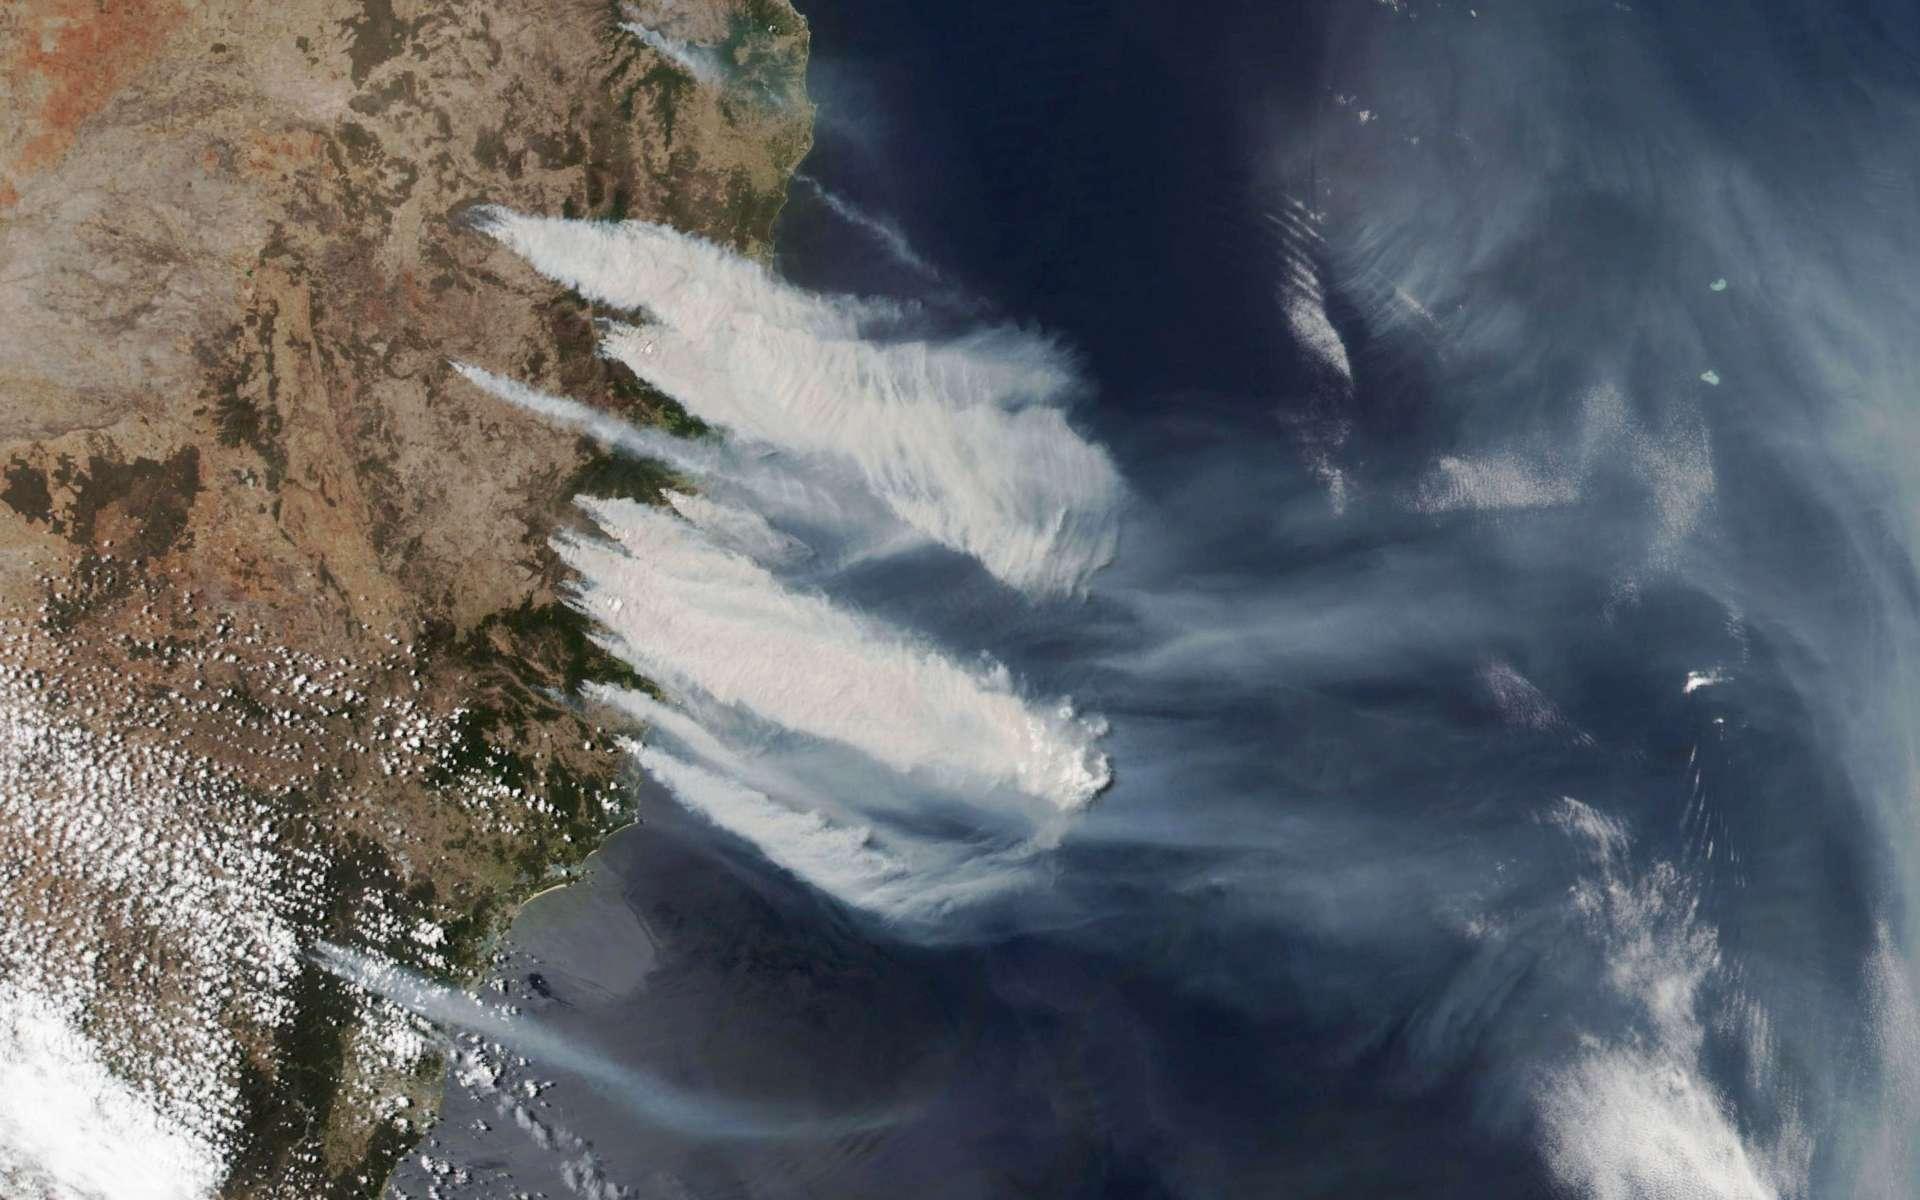 Les feux de brousse font rage dans l'État de la Nouvelle-Galles-du-Sud en Australie. Image prise de l'espace par le satellite Suomi NPP le 8 novembre 2019. © Nasa, NOAA